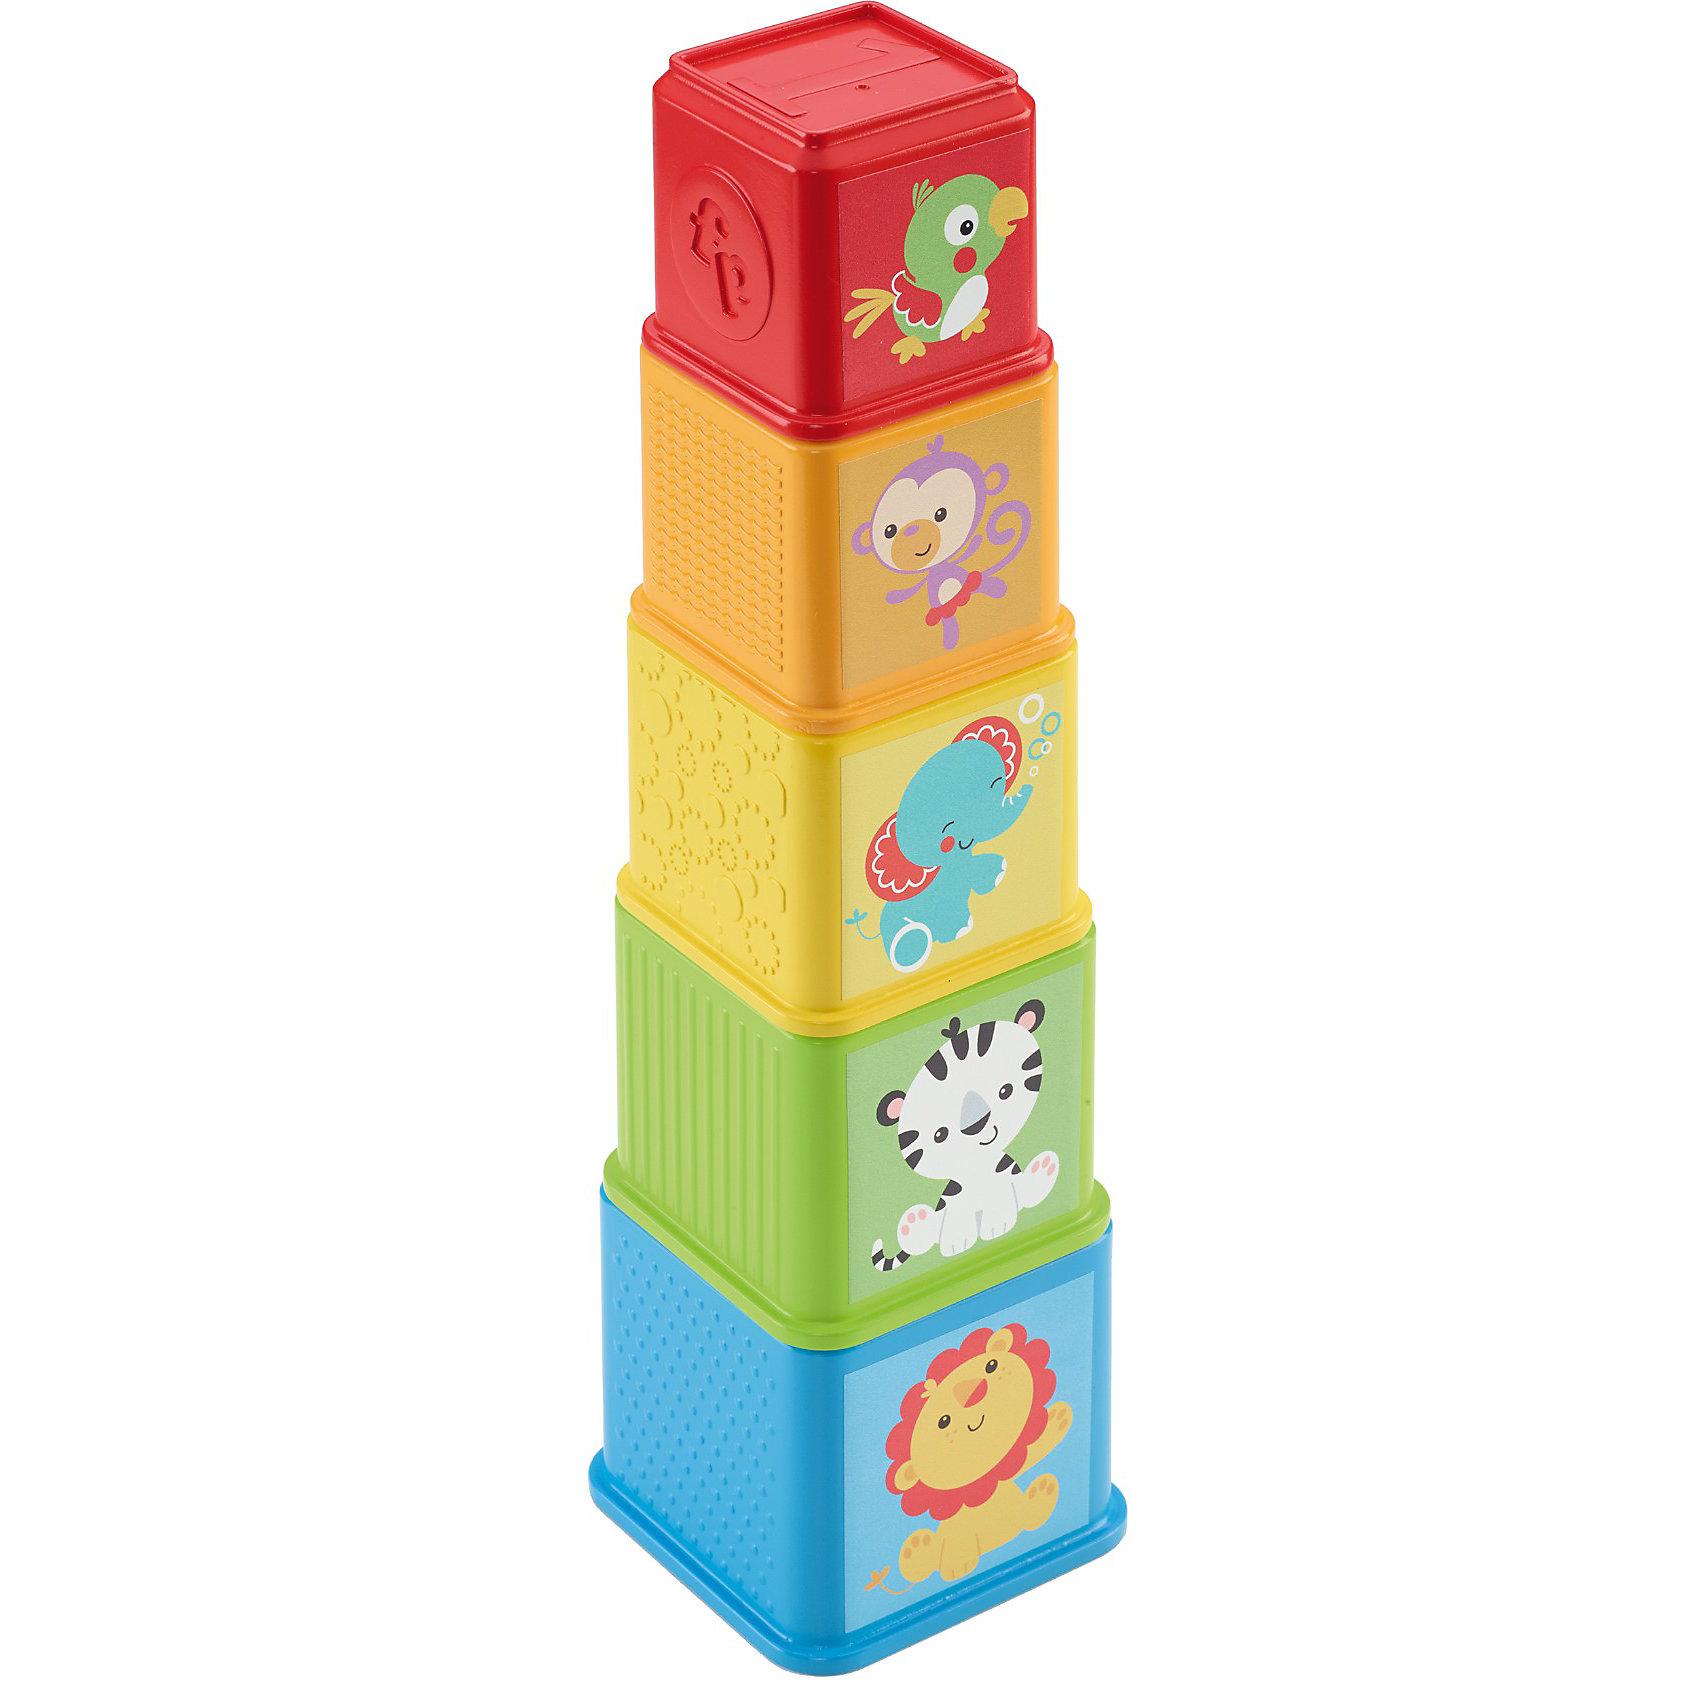 Разноцветная Пирамидка, Fisher-PriceРазноцветная Пирамидка, Fisher-Price (Фишер Прайс)<br><br>Разноцветная Пирамидка отлично подойдет детям дошкольного возраста. Из этих деталей в виде стаканчиков можно выстроить пирамиду, а можно вложить их один в другой! Детали окрашены в разные цвета, имеют приятную фактуру. На стаканчиках нарисованы цифры, звери и предметы. Такая игрушка помогает развить воображение, координацию движений и осваивать счет. <br>Пирамидка изготовлена из высококачественных, легких и безопасных для детей материалов, детали окрашены яркими красителями, устойчивыми к выгоранию и истиранию. В комплекте - пять разных стаканчиков.<br><br>Дополнительная информация:<br><br>цвет: разноцветный;<br>материал: пластик;<br>комплектация: 5 деталей.<br><br>Разноцветная Пирамидка, Fisher-Price (Фишер Прайс) можно купить в нашем магазине.<br><br>Ширина мм: 205<br>Глубина мм: 115<br>Высота мм: 94<br>Вес г: 260<br>Возраст от месяцев: 6<br>Возраст до месяцев: 18<br>Пол: Унисекс<br>Возраст: Детский<br>SKU: 3863148